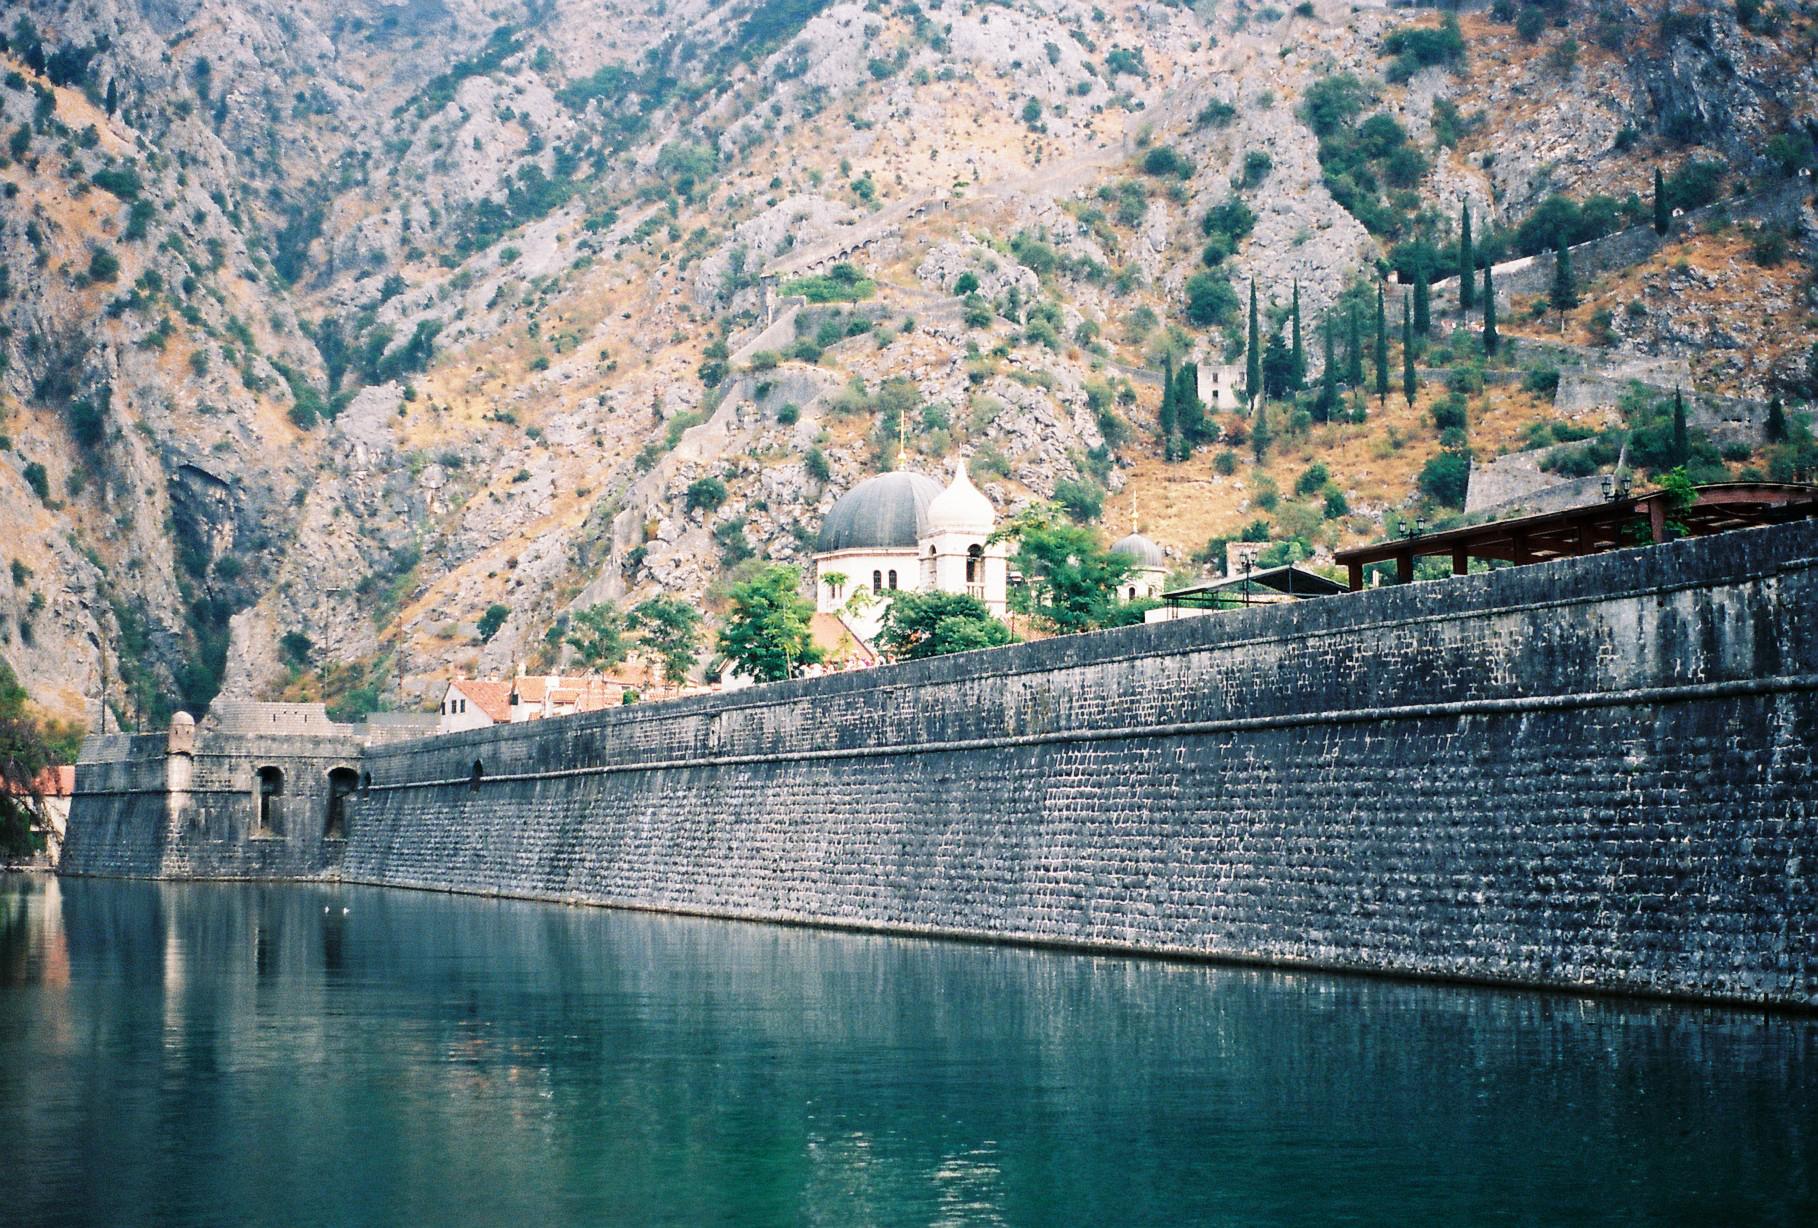 Outside Kotor's Walls